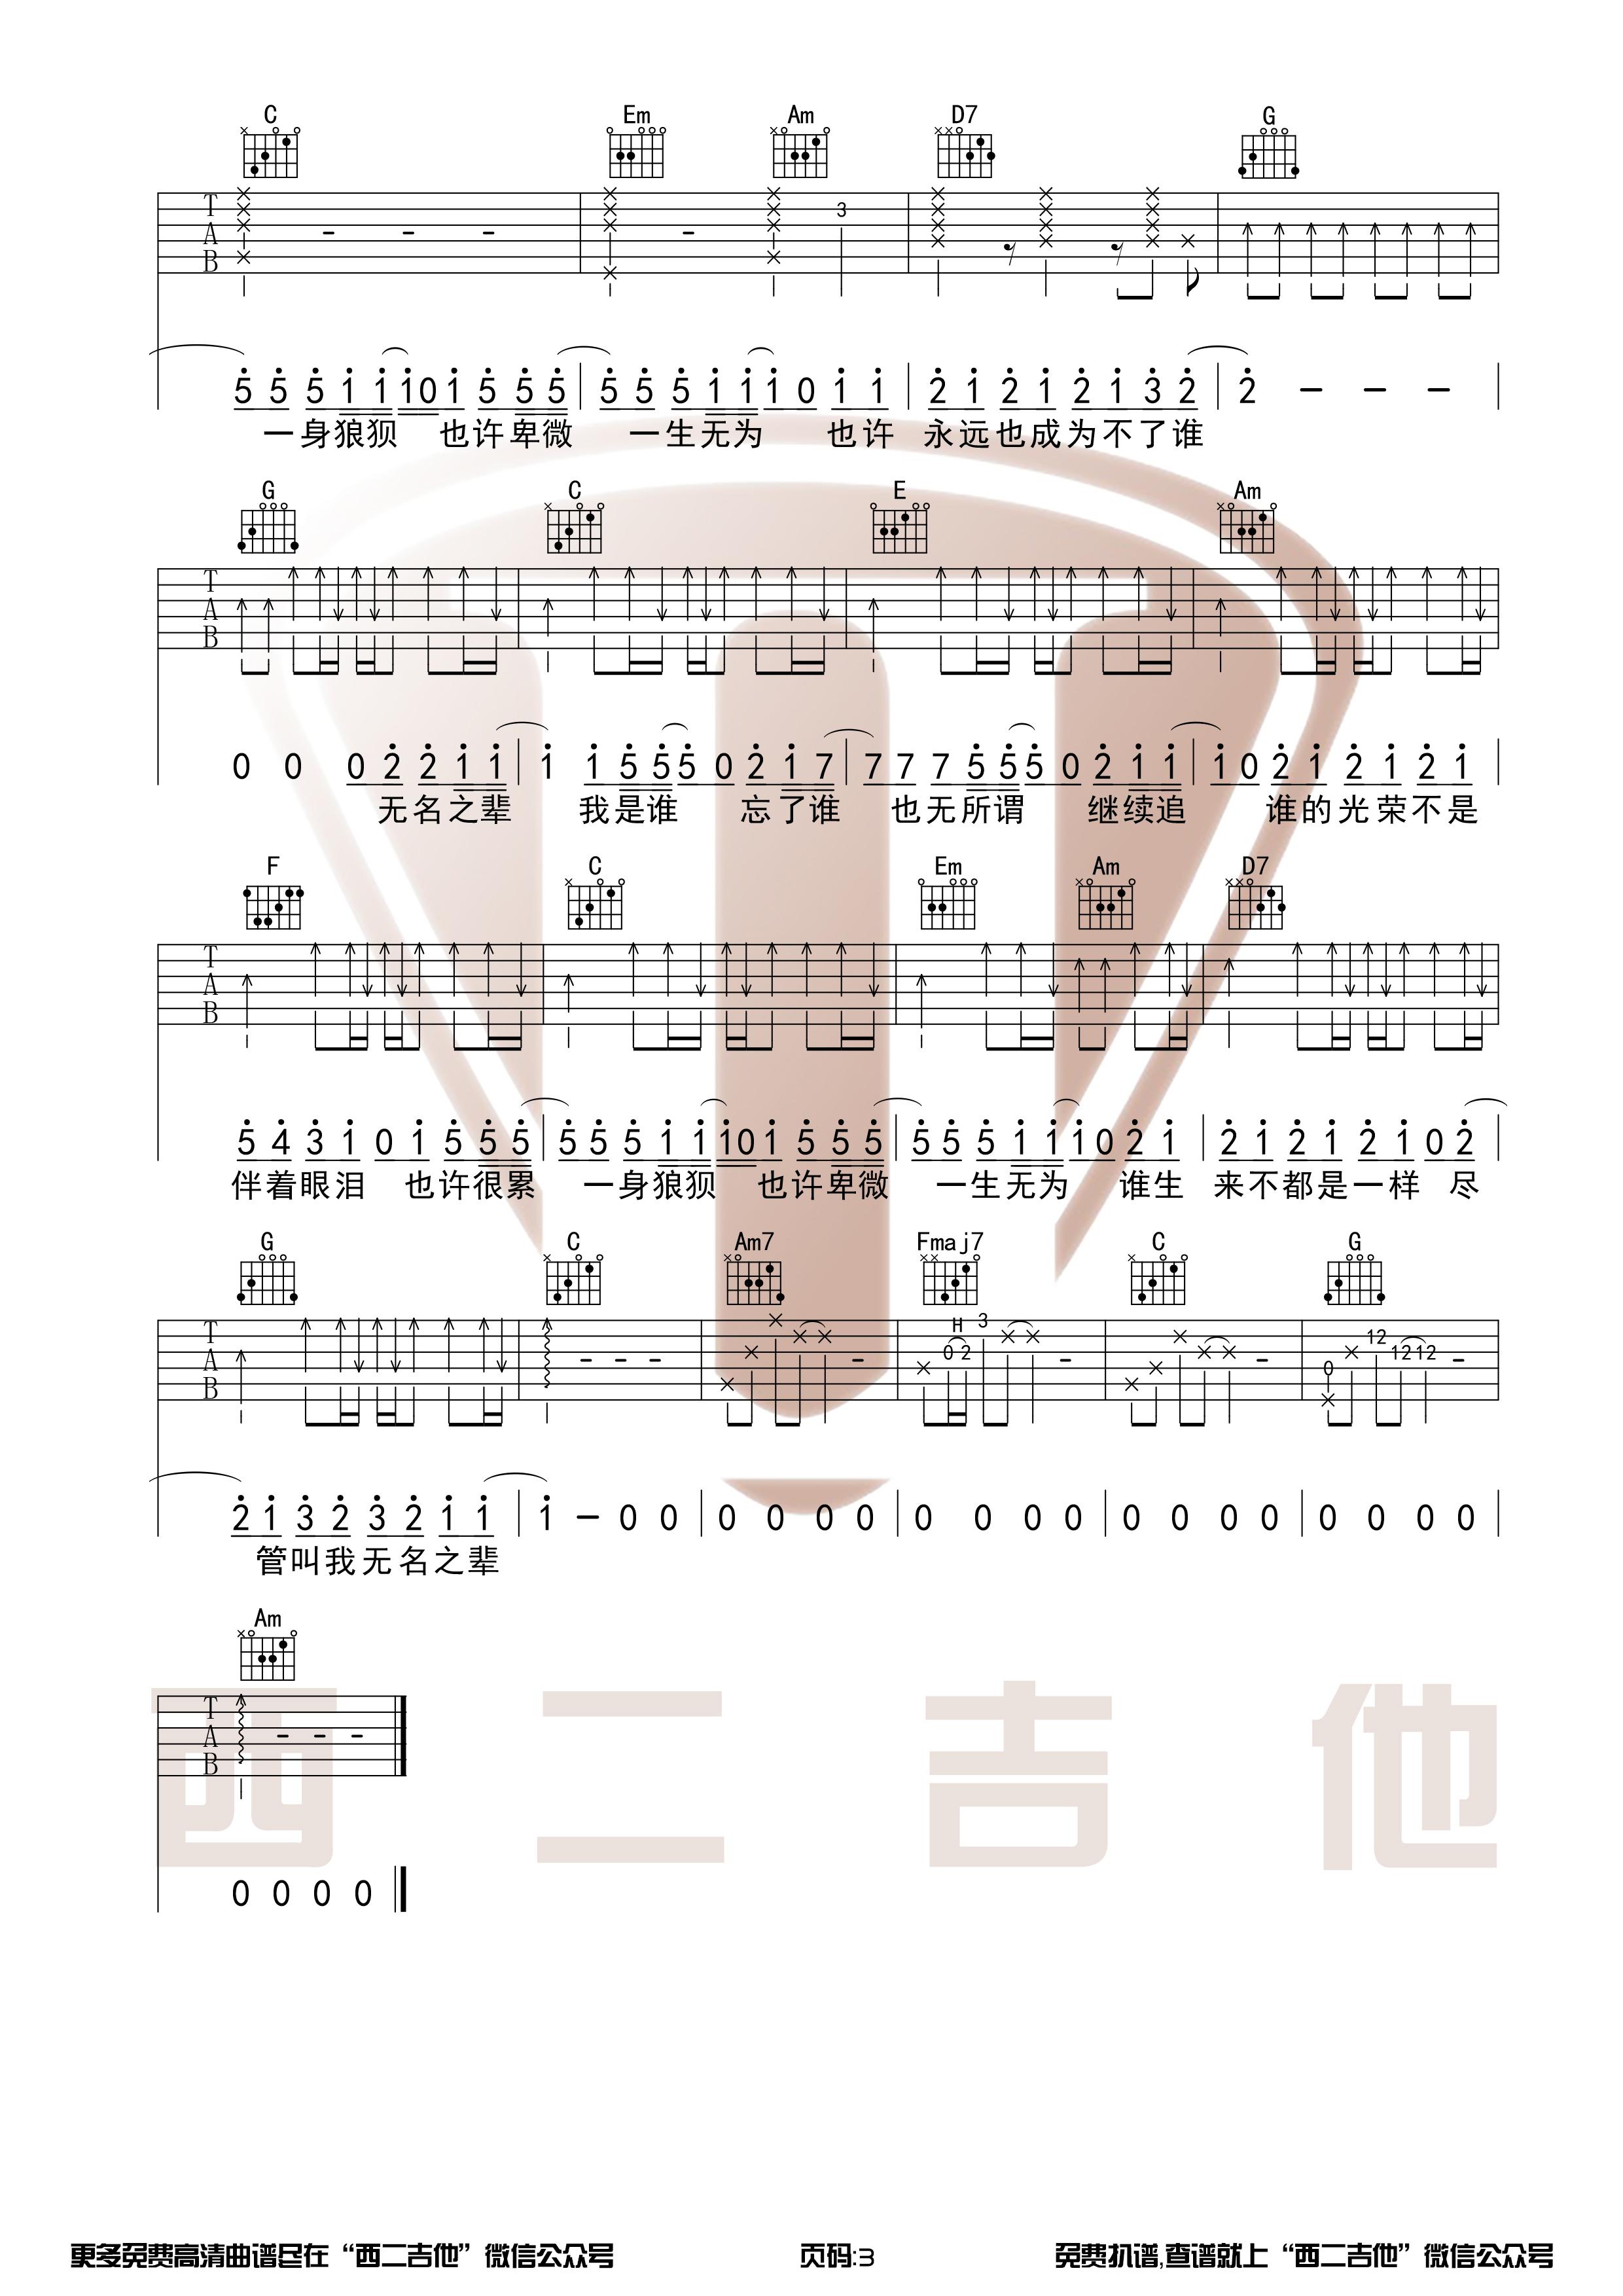 亲爱的热爱的插曲 - 无名之辈(西二吉他)吉他谱(图片谱,弹唱)_陈雪燃_无名之辈3.jpg